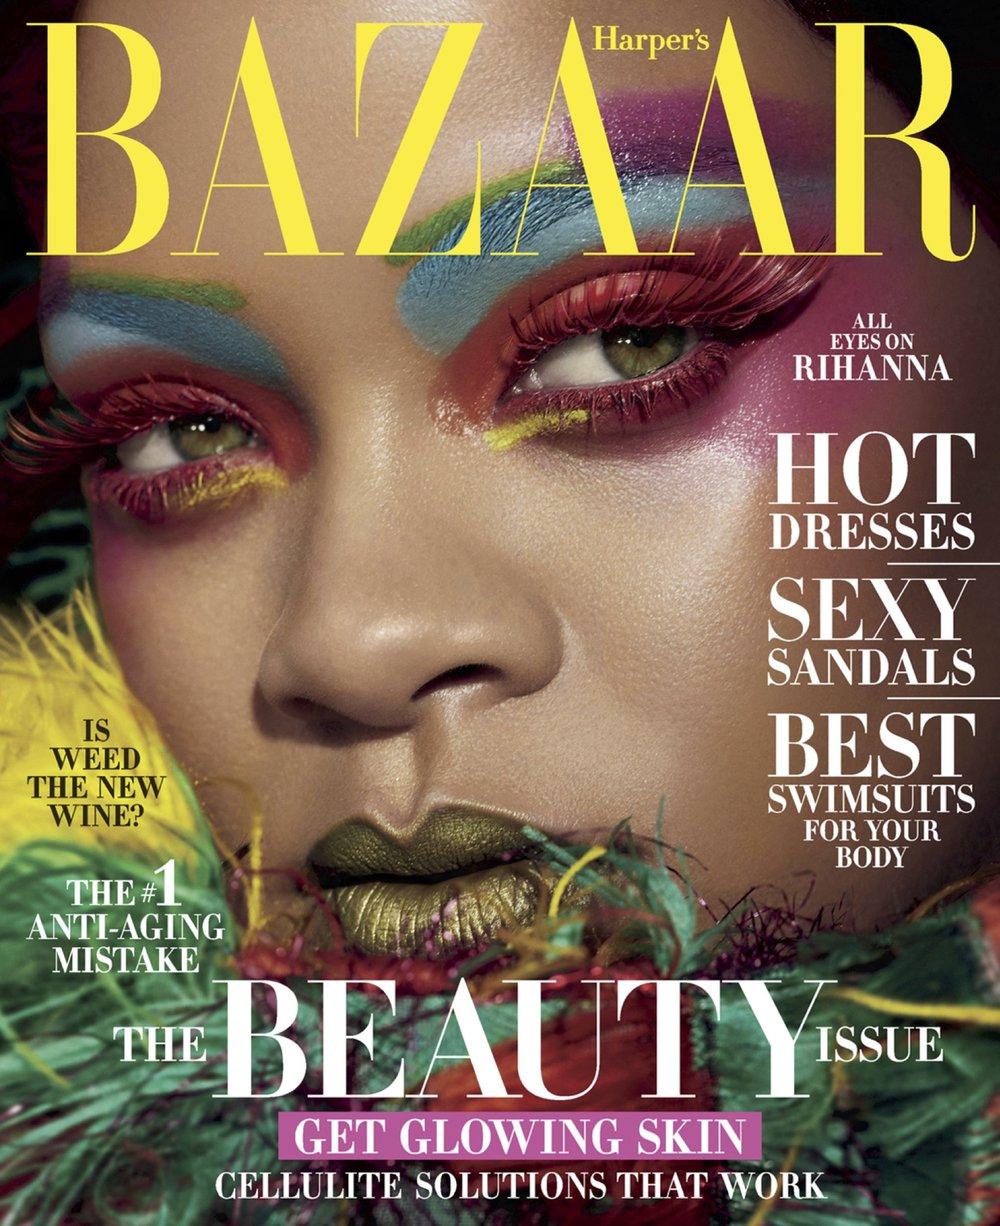 Harper's Bazaar May 2019 Cover.jpg